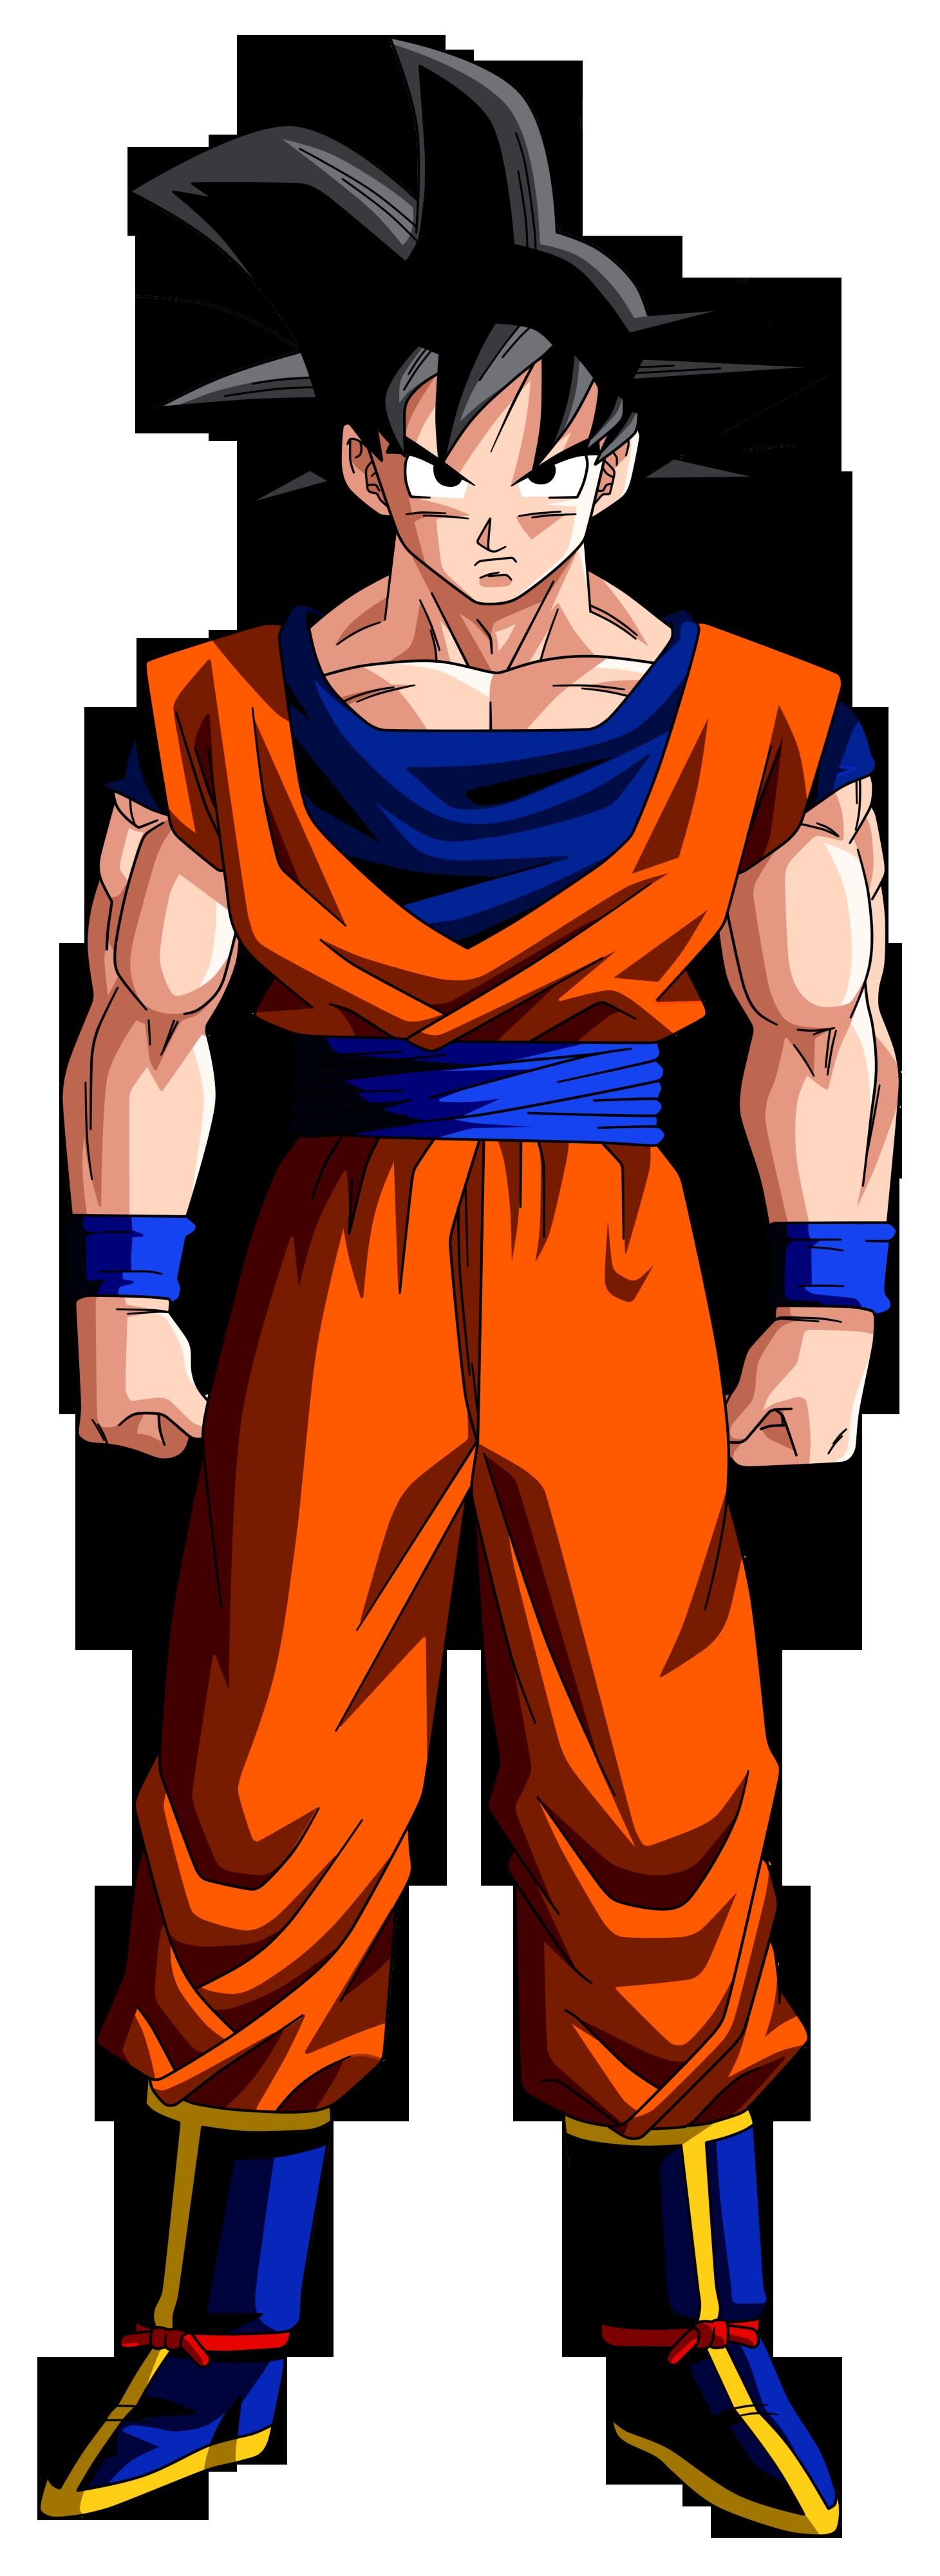 Goku   Fictional Battle Omniverse Wikia   FANDOM powered by Wikia